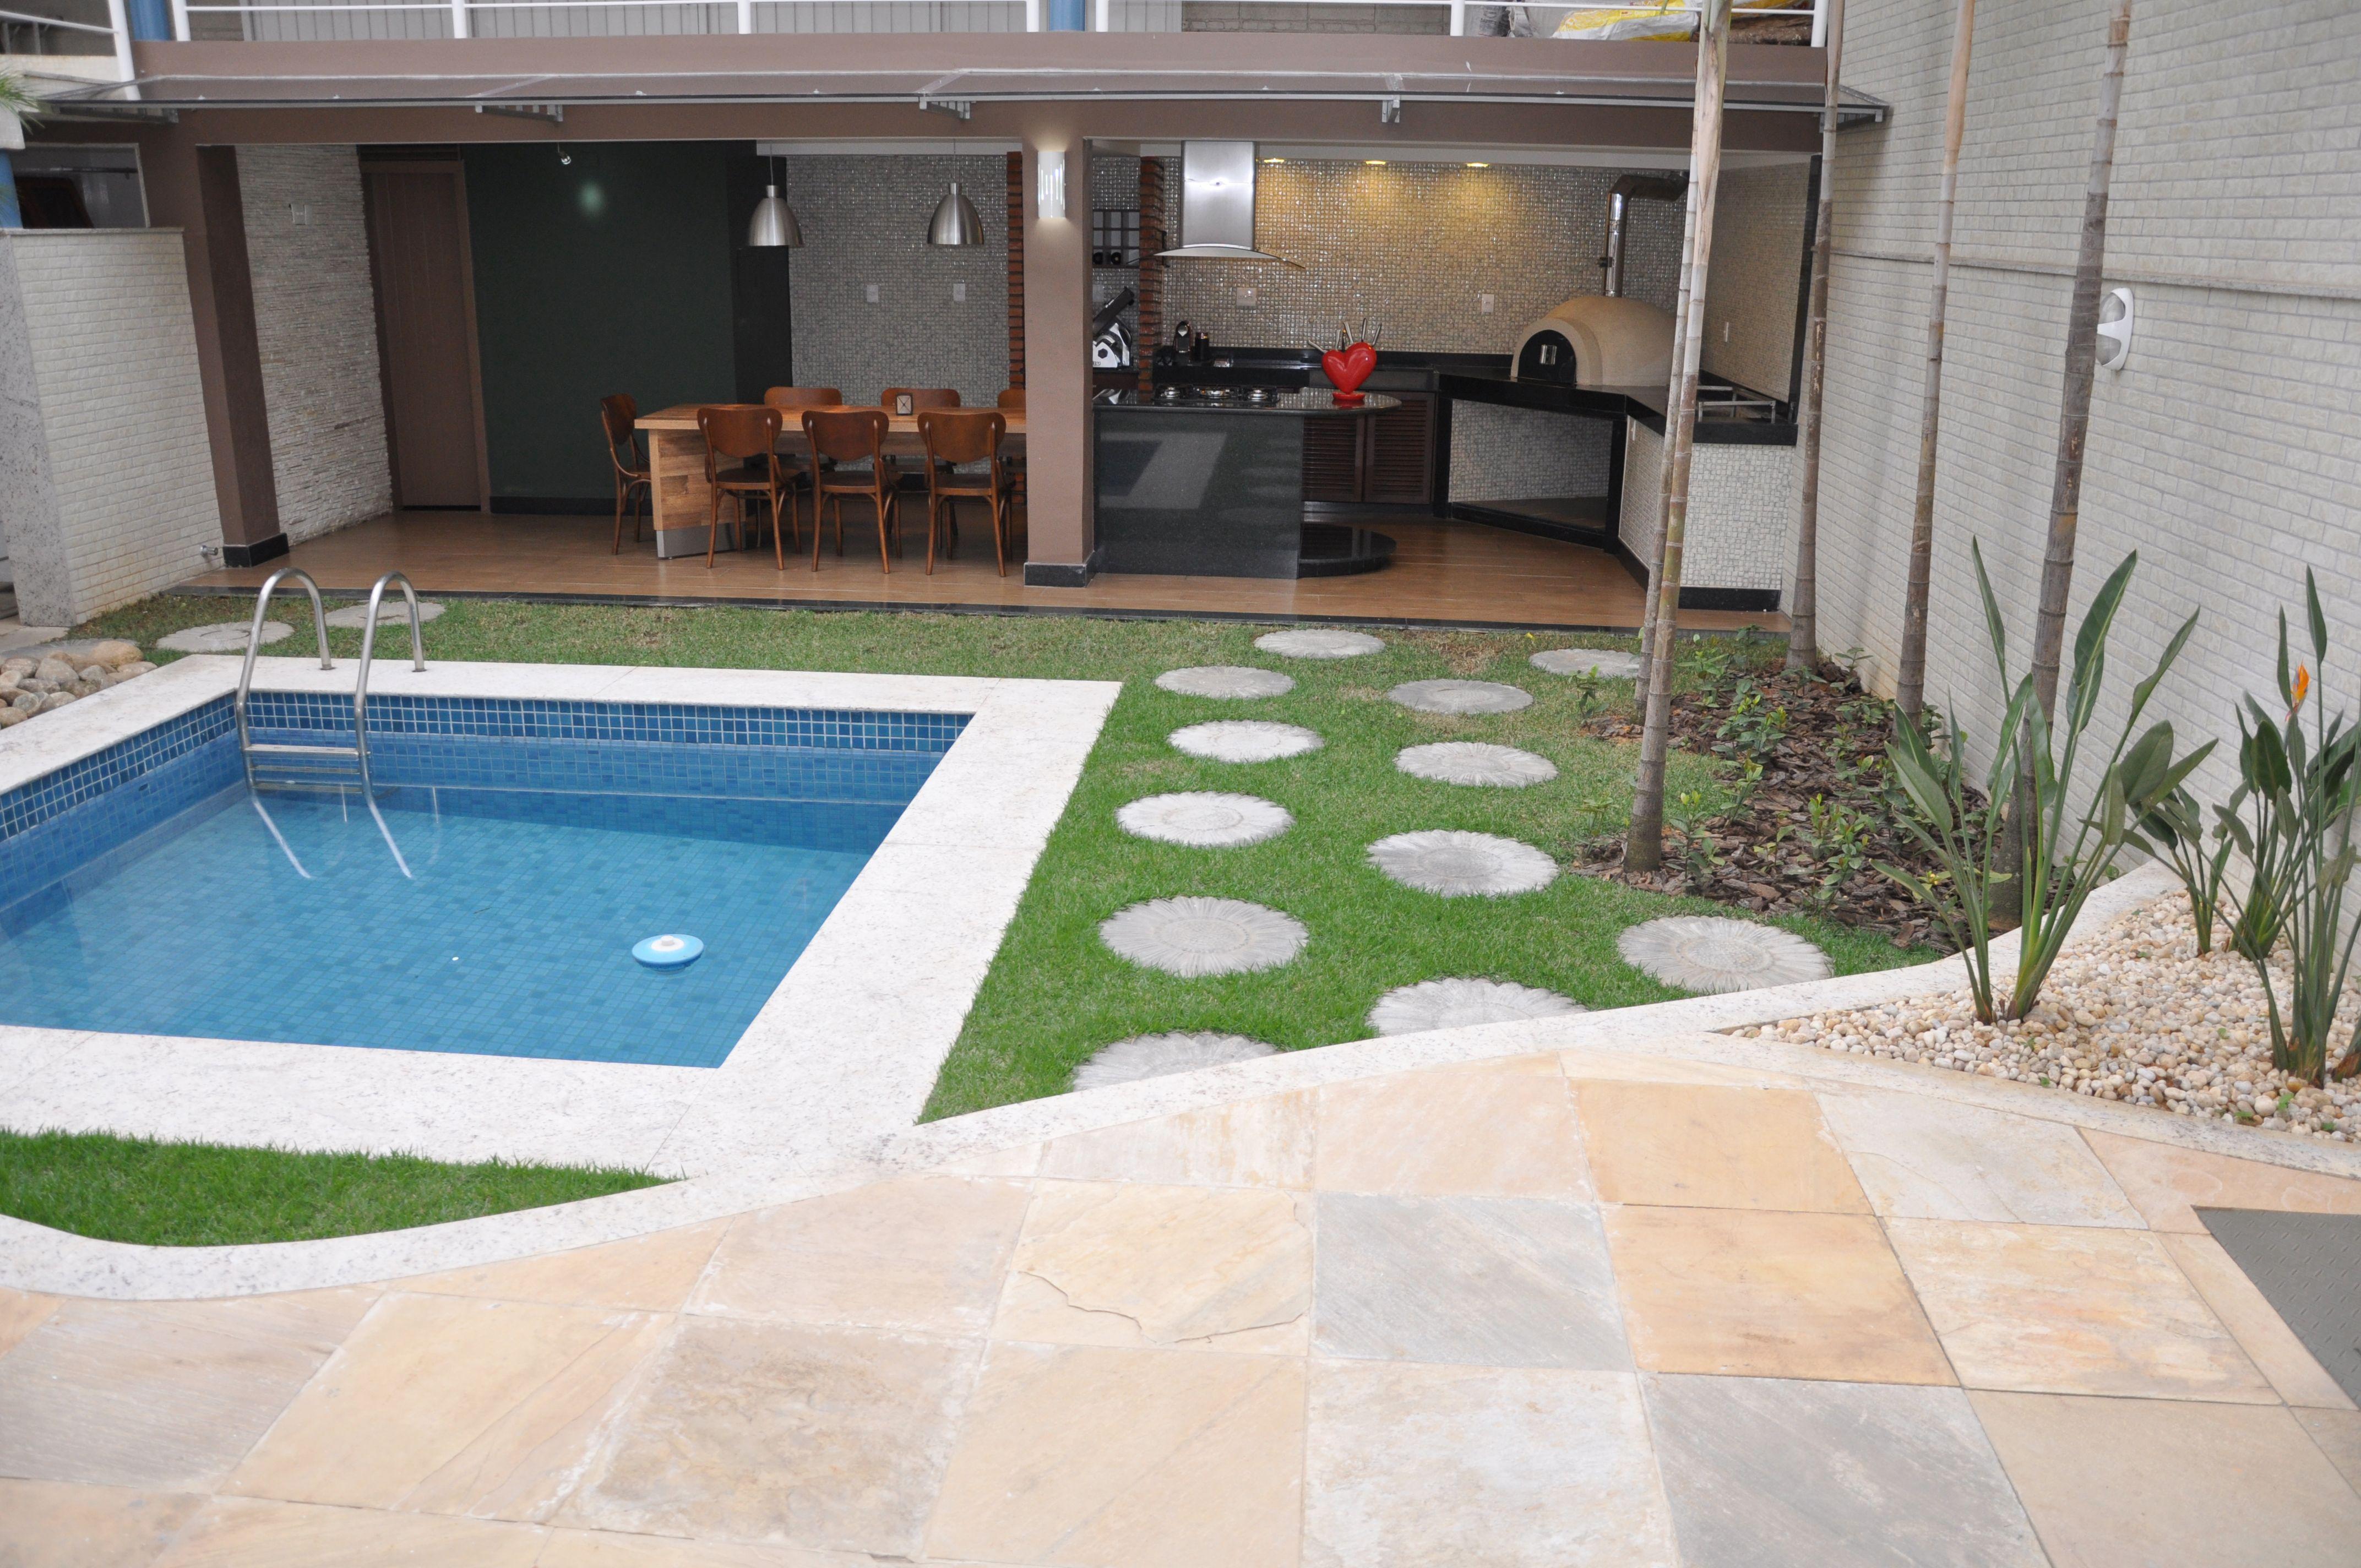 Quintal com piscina e jardim dream home pinterest for Piscinas ecologicas pequenas